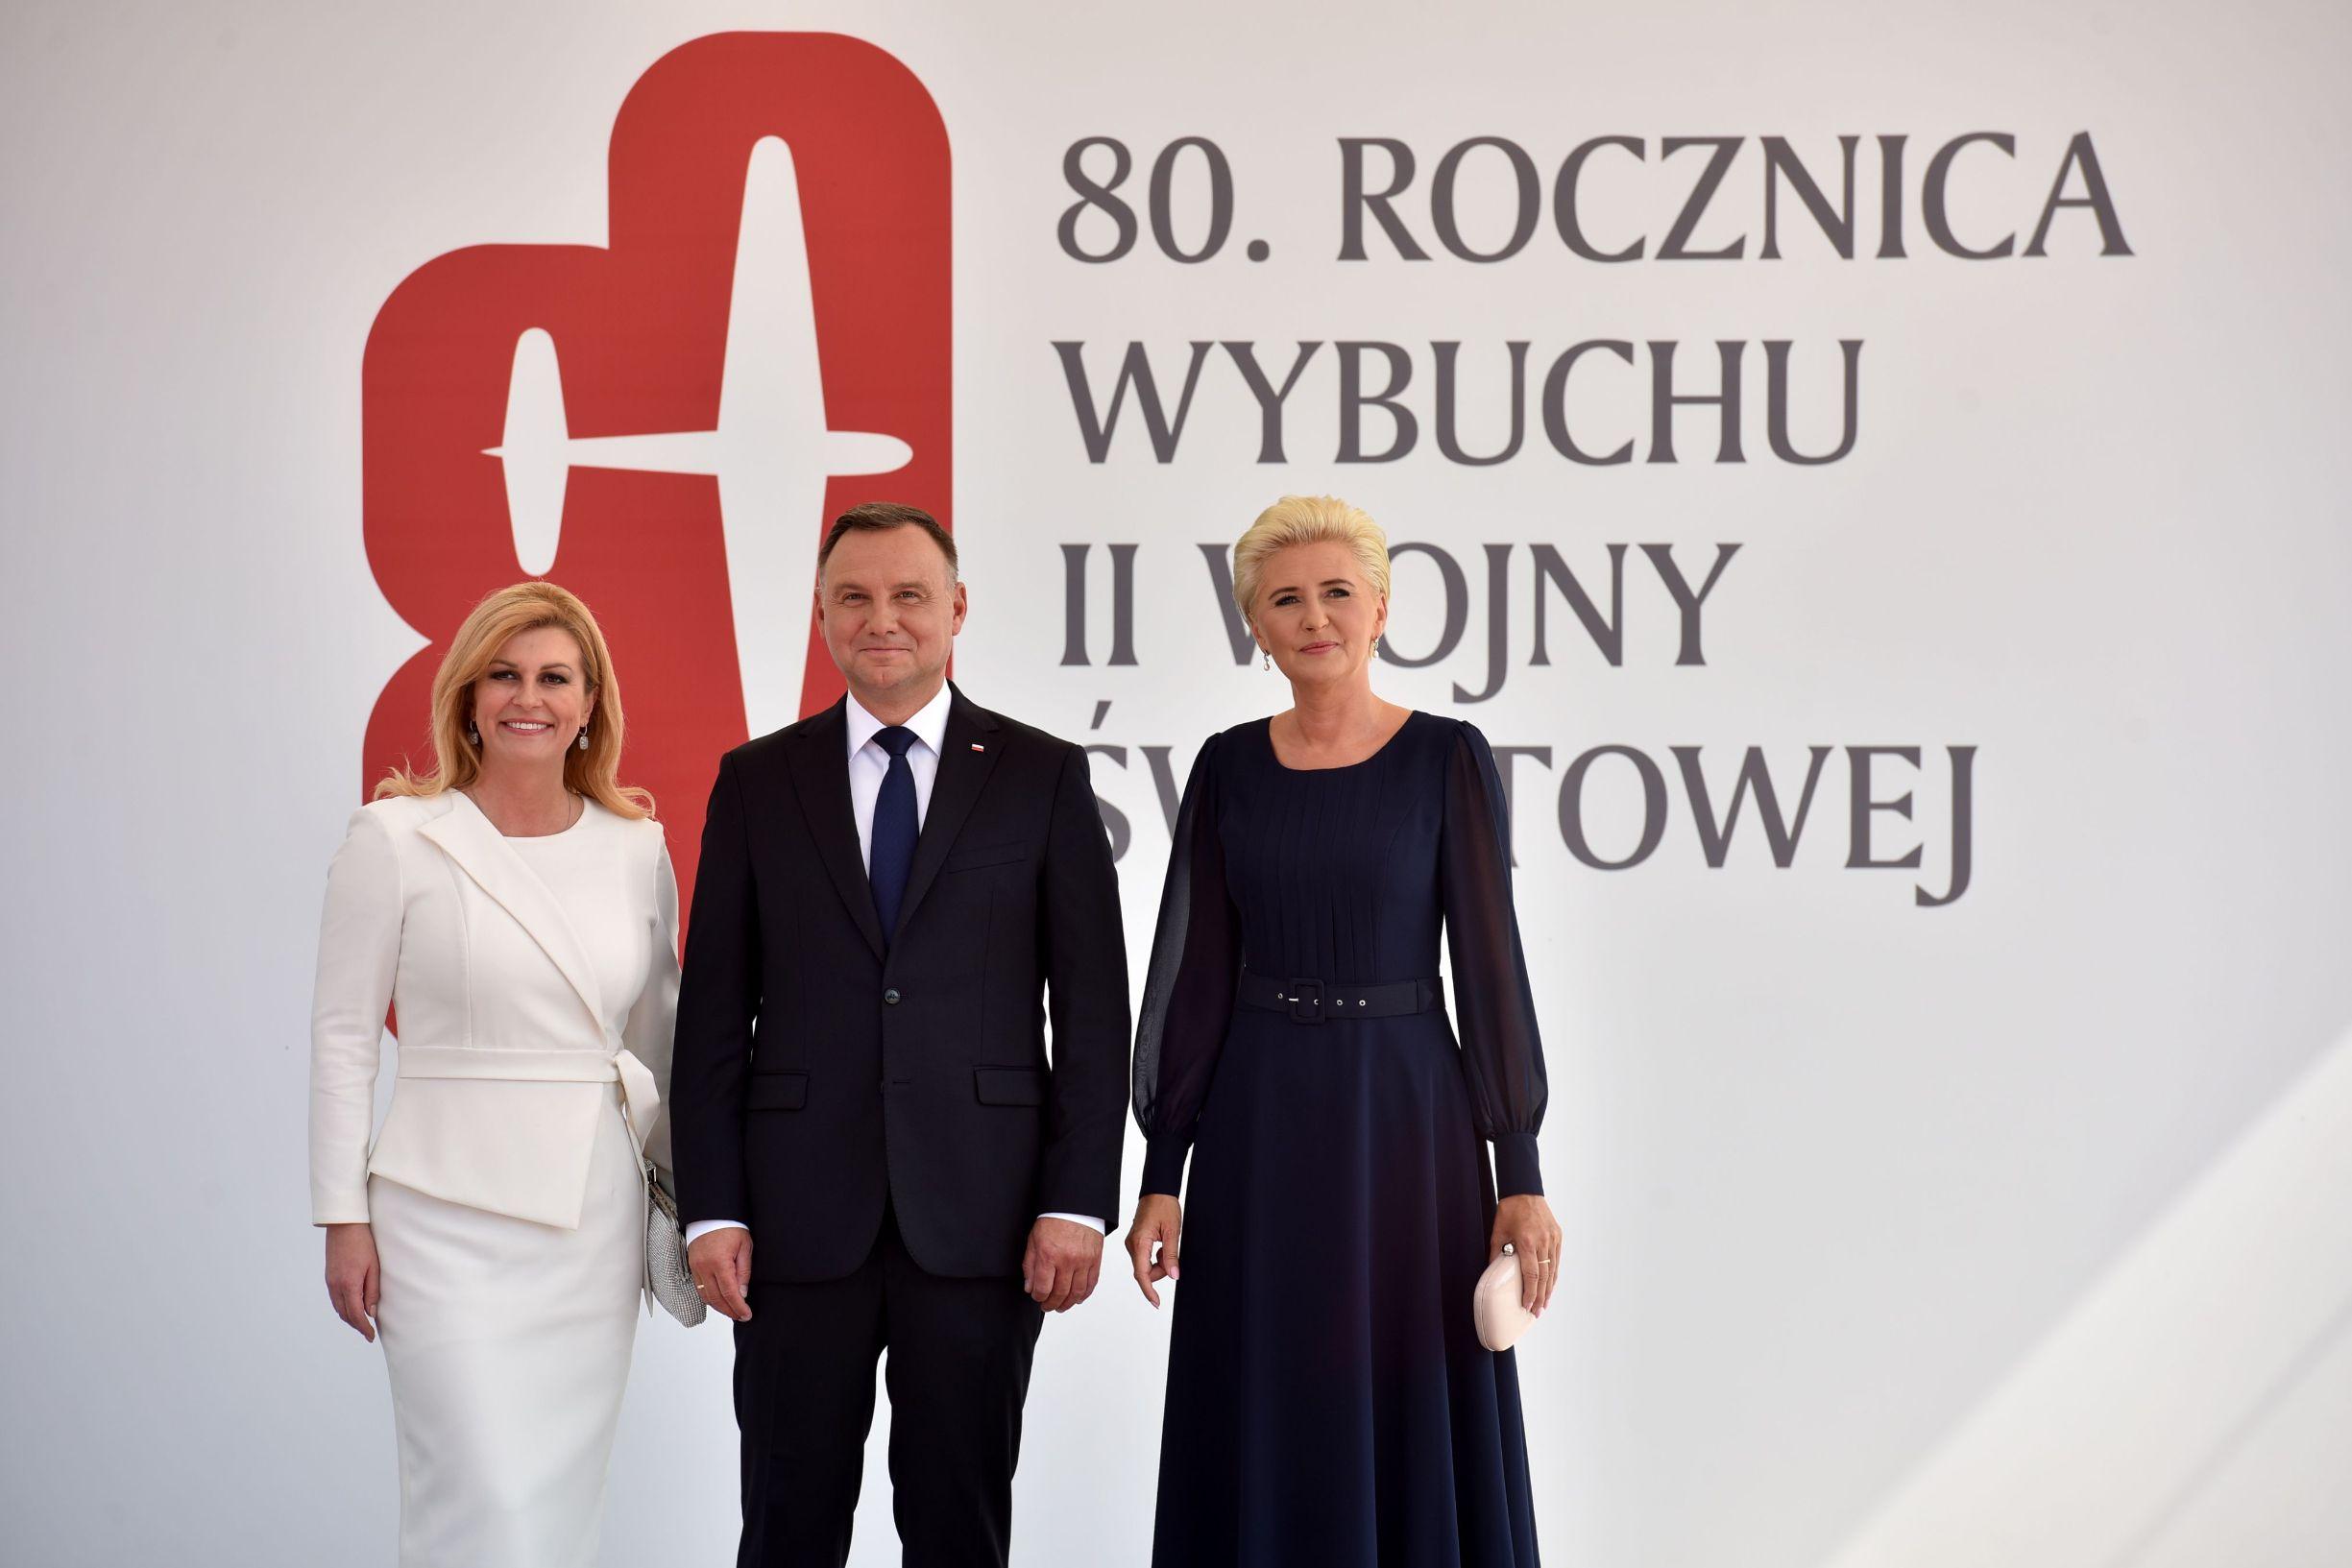 Kolinda Grabar-Kitarović s poljskim predsjednikom Andrzejem Dudom i njegovom suprugom Agatom Kornhauser-Dudom